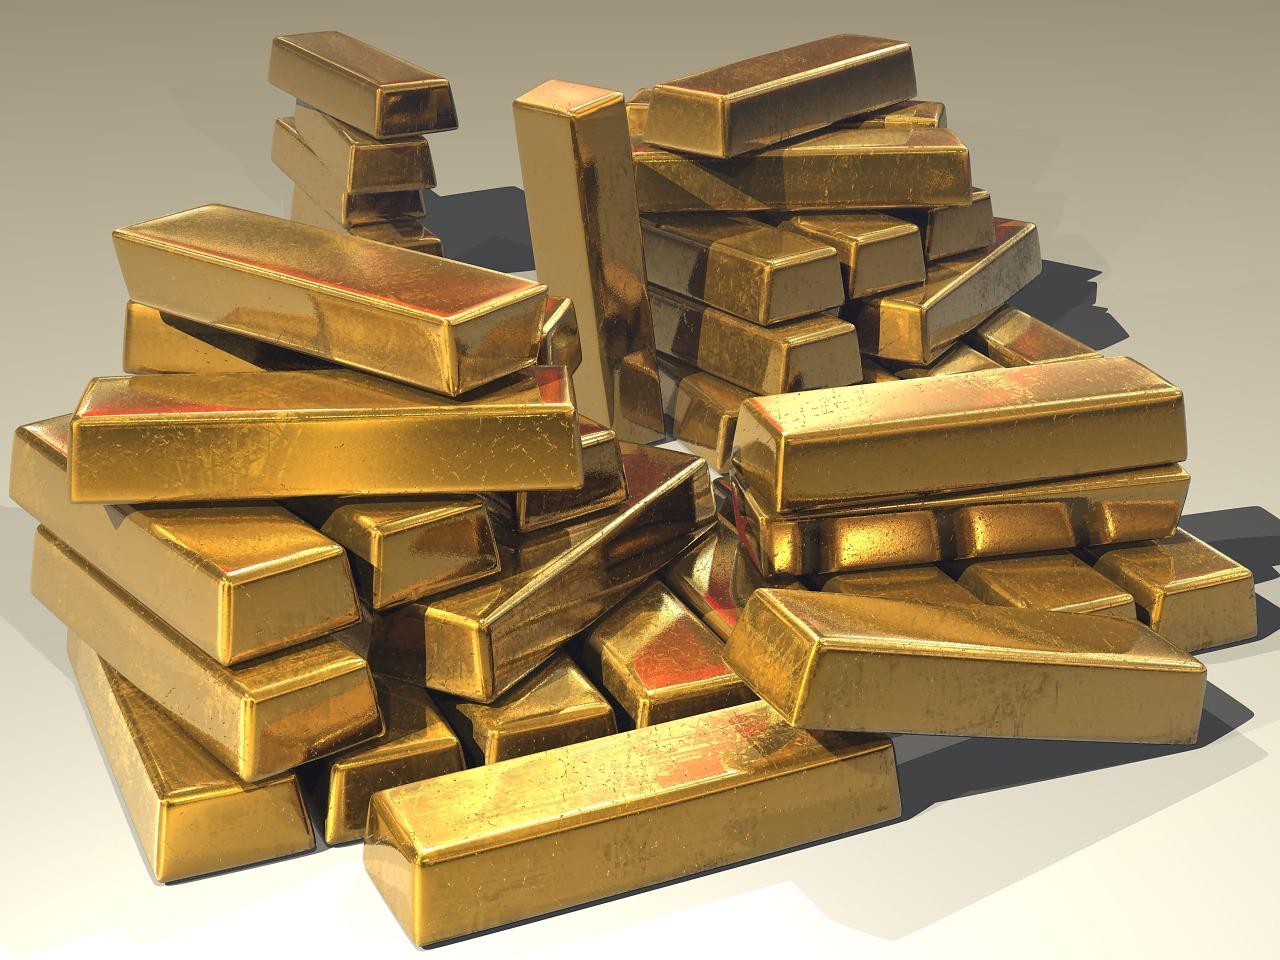 L'Allemagne rapatrie une bonne partie de ses lingots d'or détenus à l'étranger